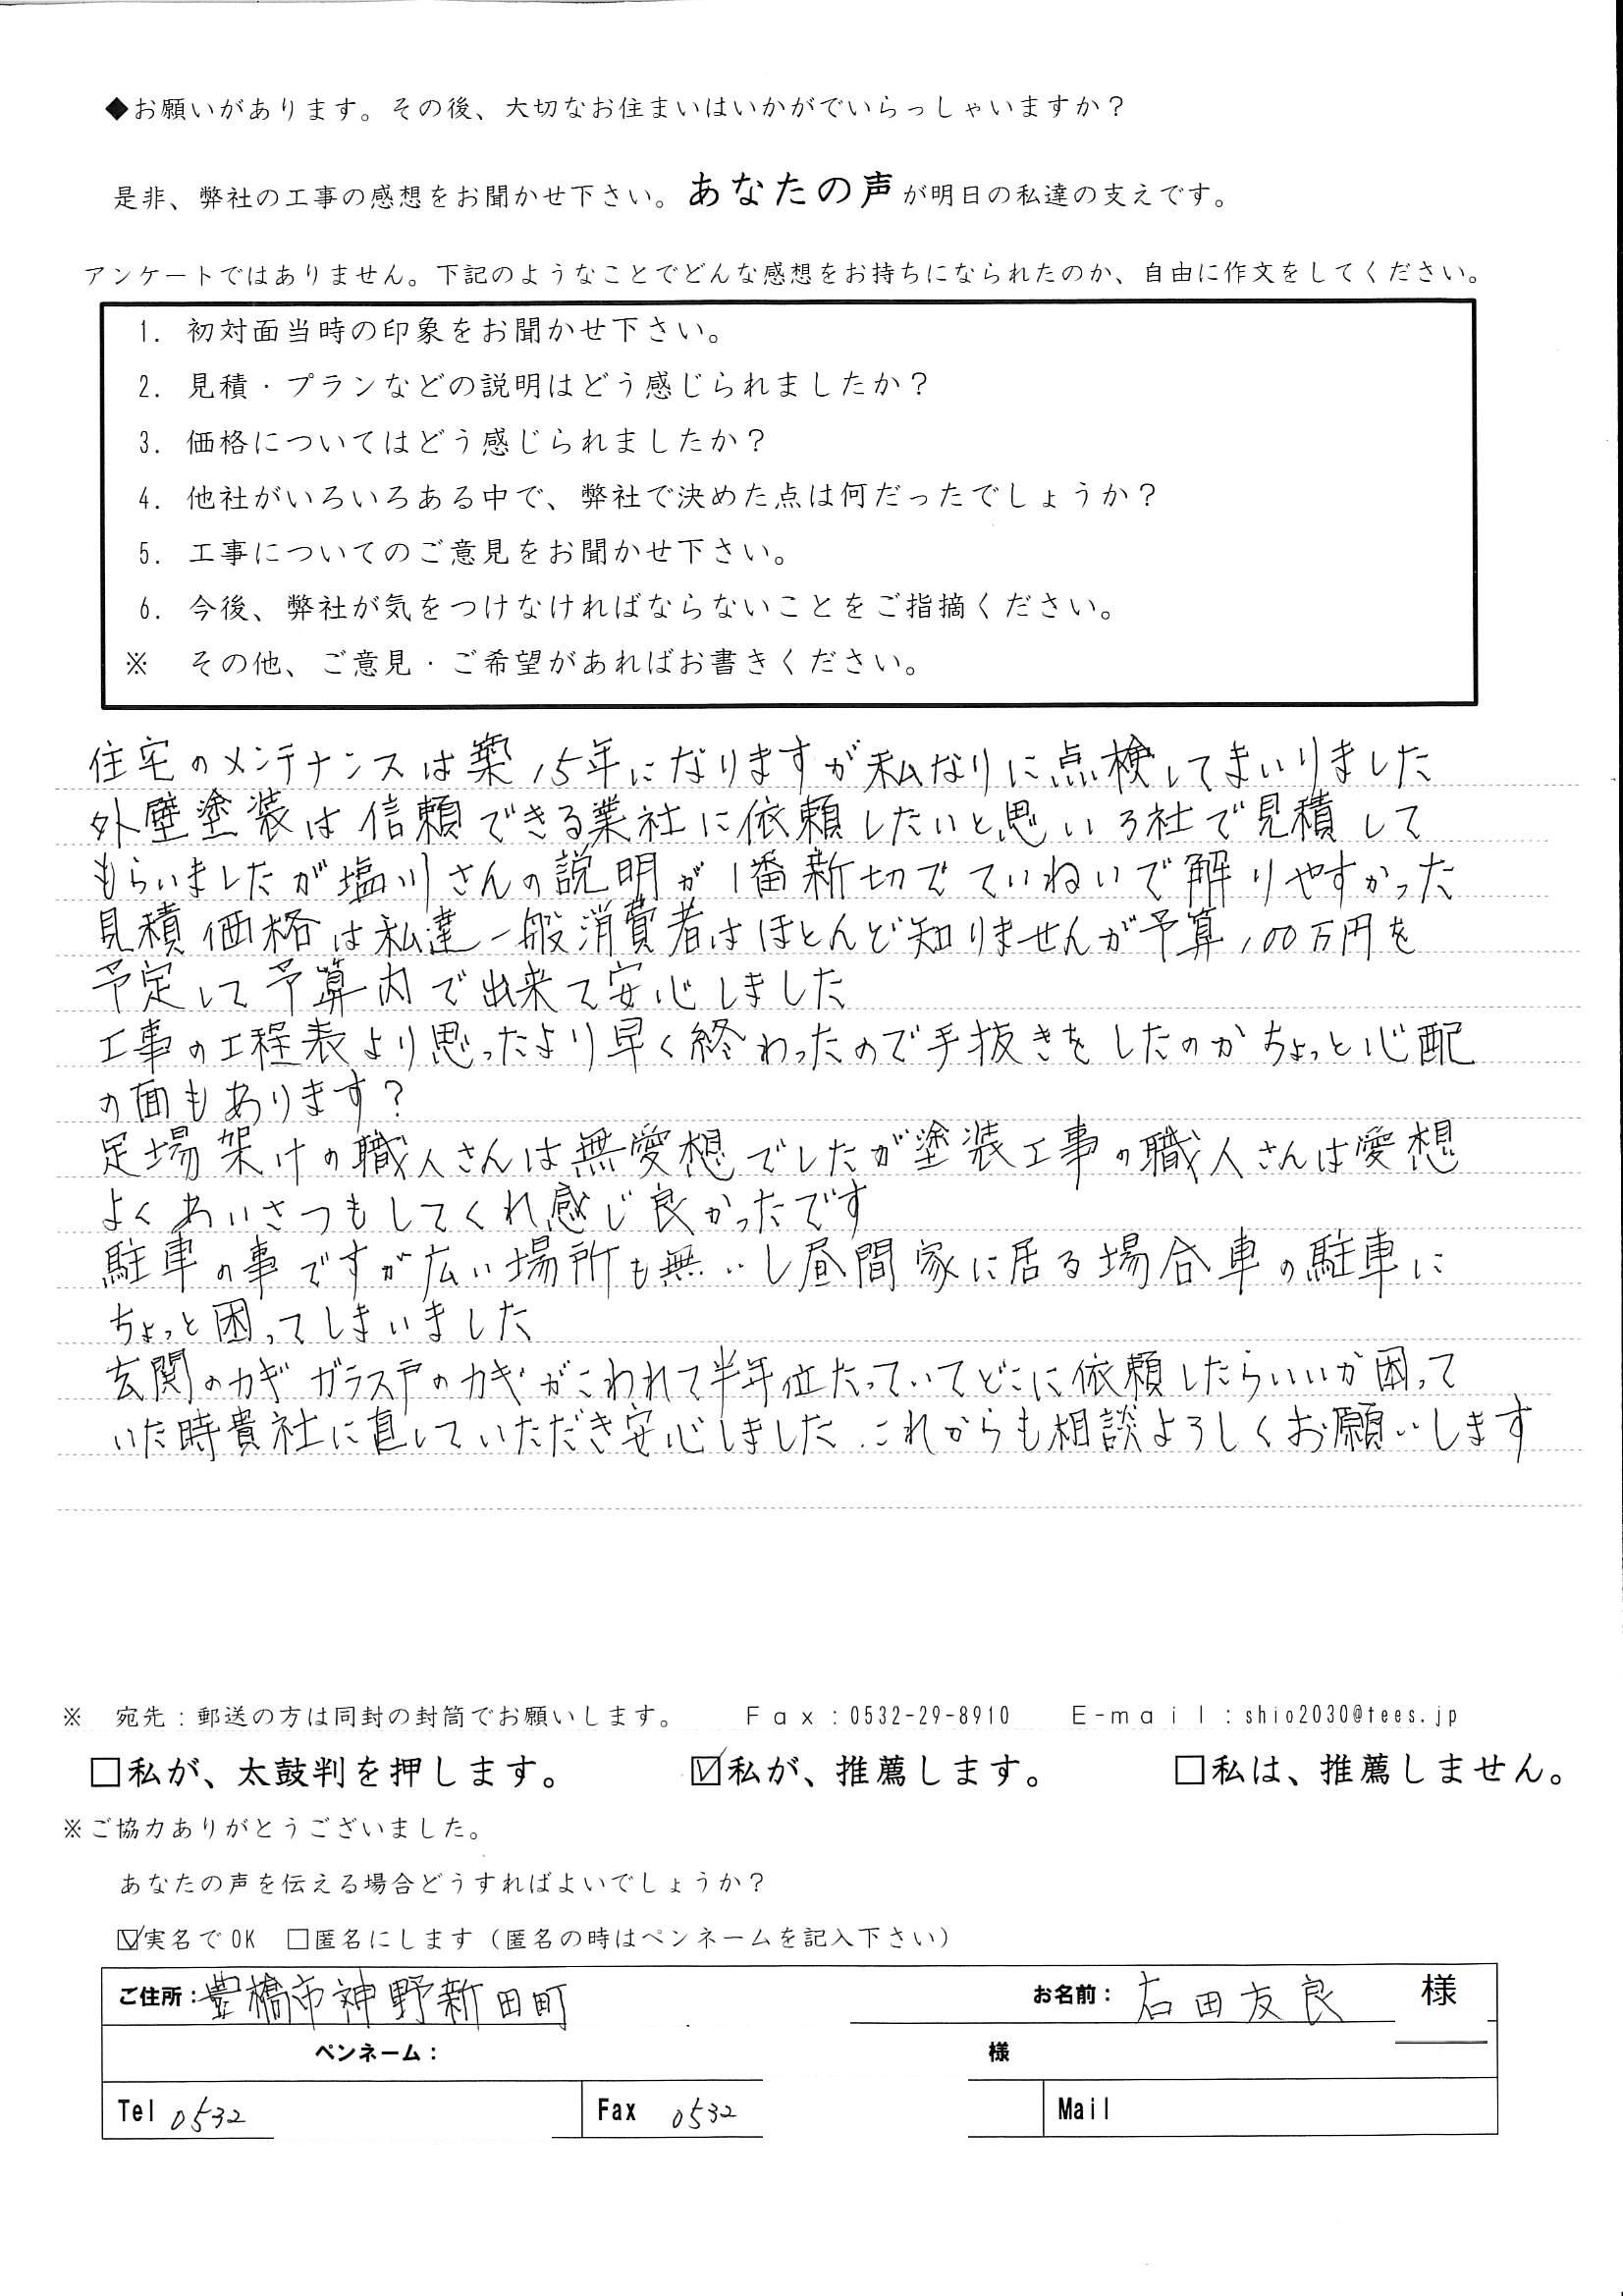 塩川さんの説明が一番親切で丁寧で解りやすかった